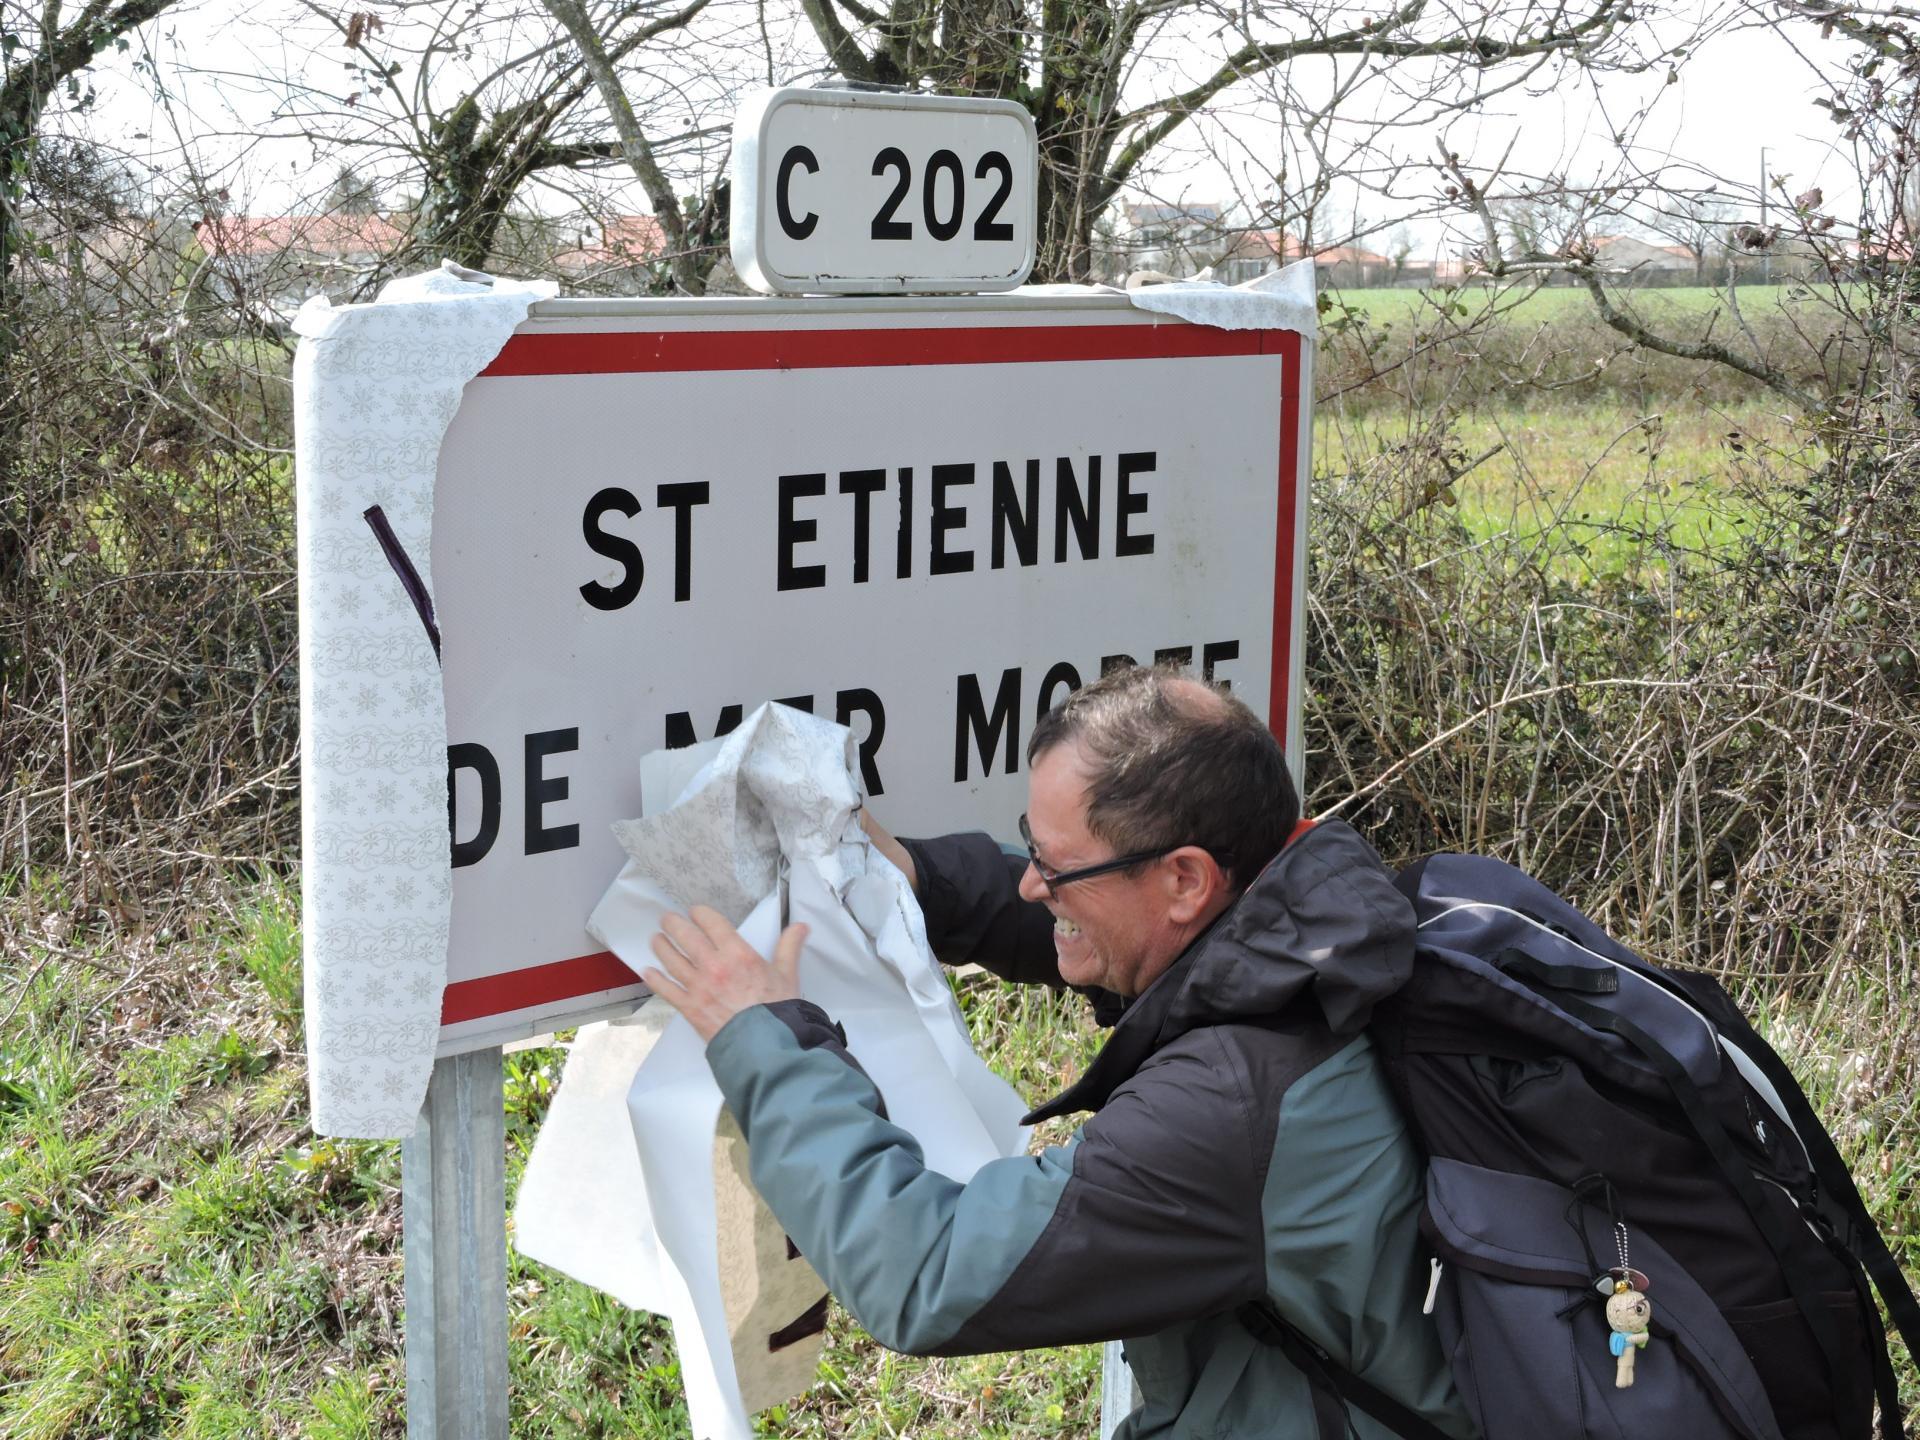 07 de 5 km a 1 km 13